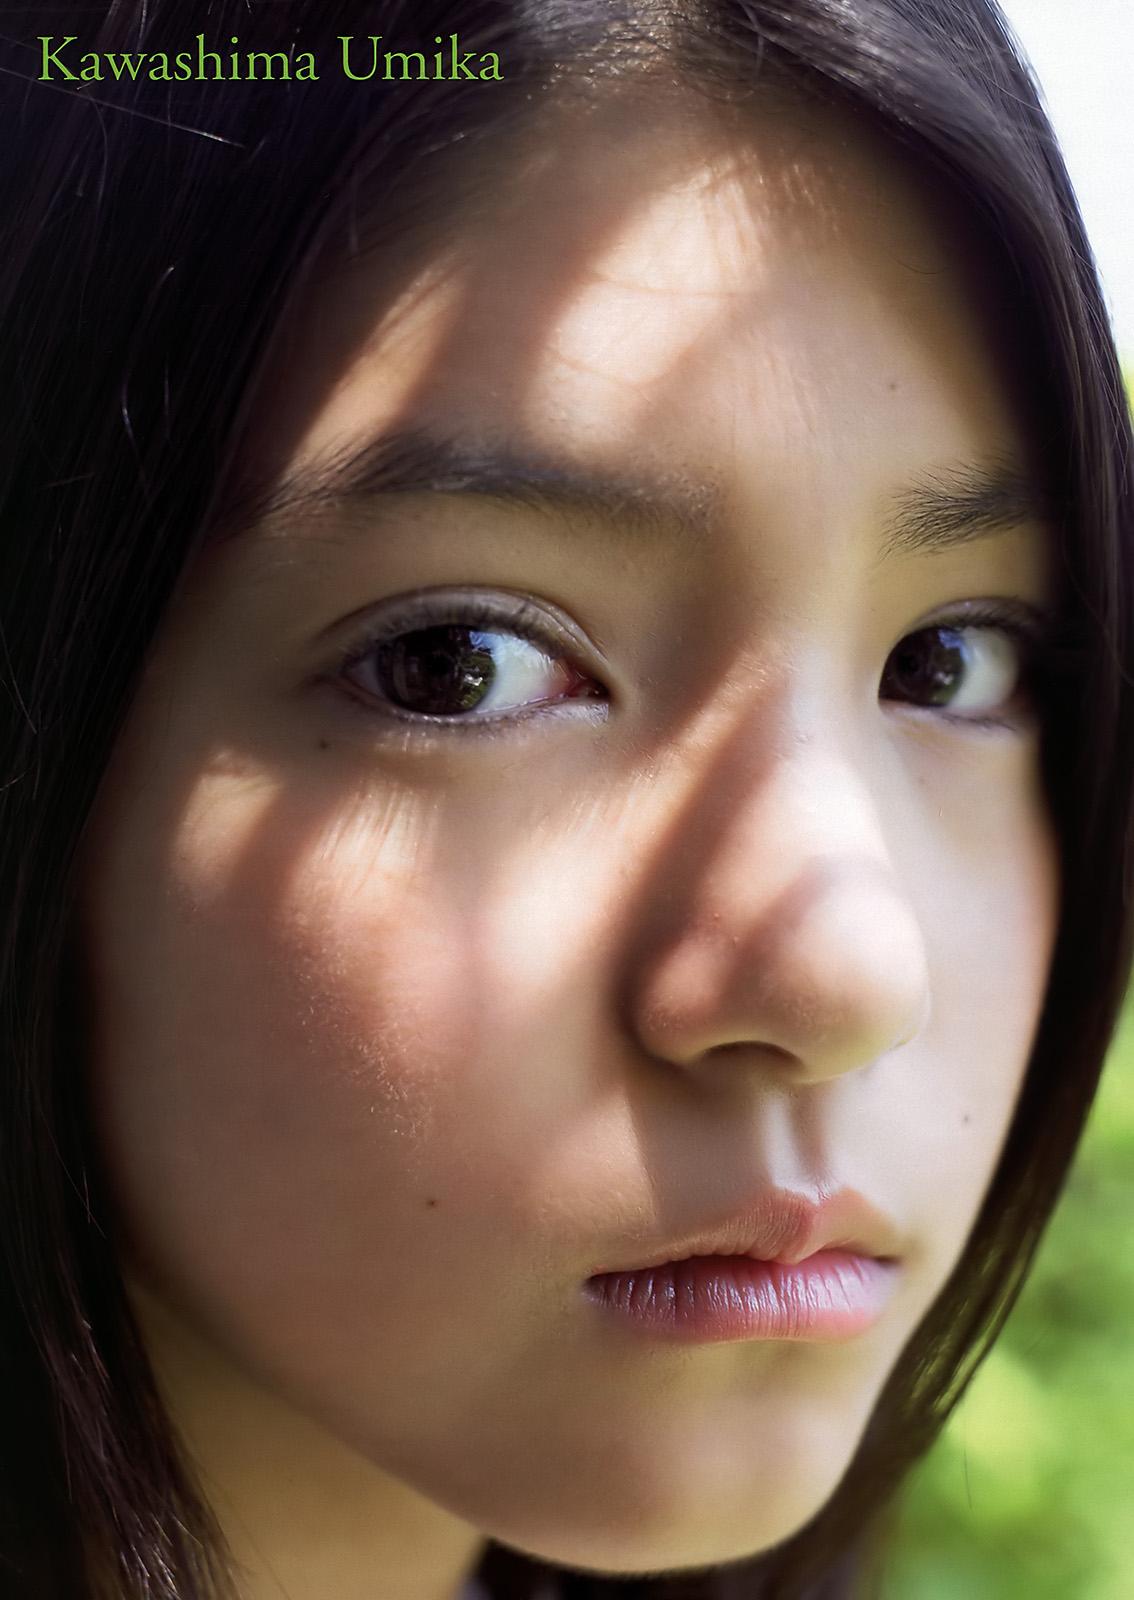 【川島海荷アイコラ】こんなぐうかわ清楚美少女がエッチなことしてると考えただけでチンコ痛い!元9nine・女優エロ画像・17枚目の画像